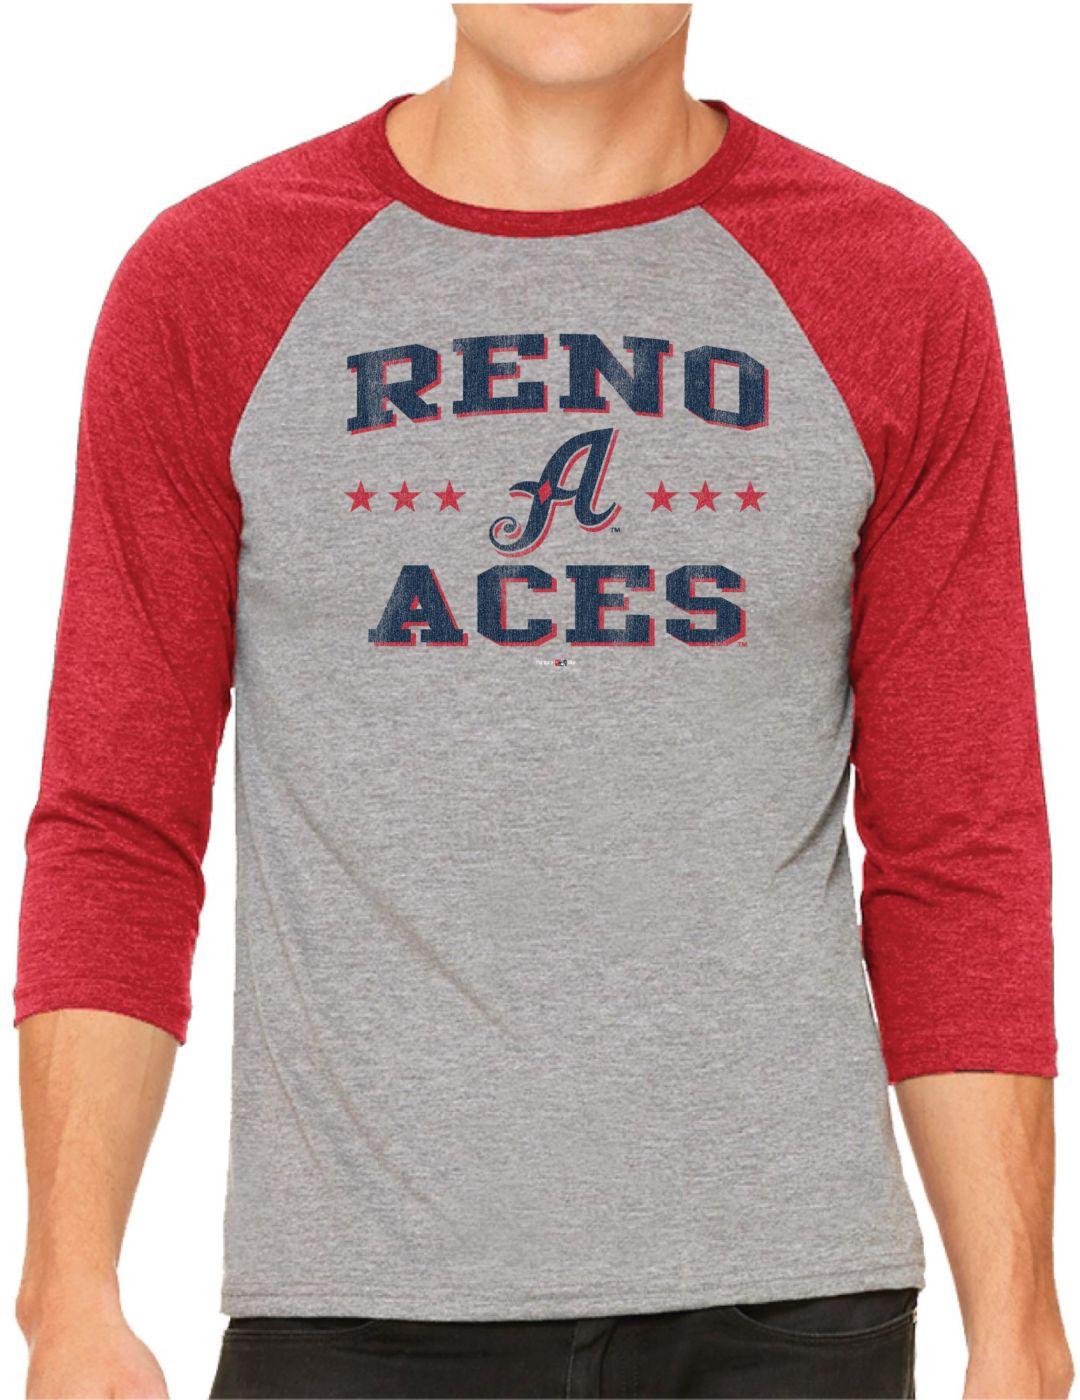 a649a112c77d The Victory Men's Reno Aces Raglan Three-Quarter Sleeve Shirt ...